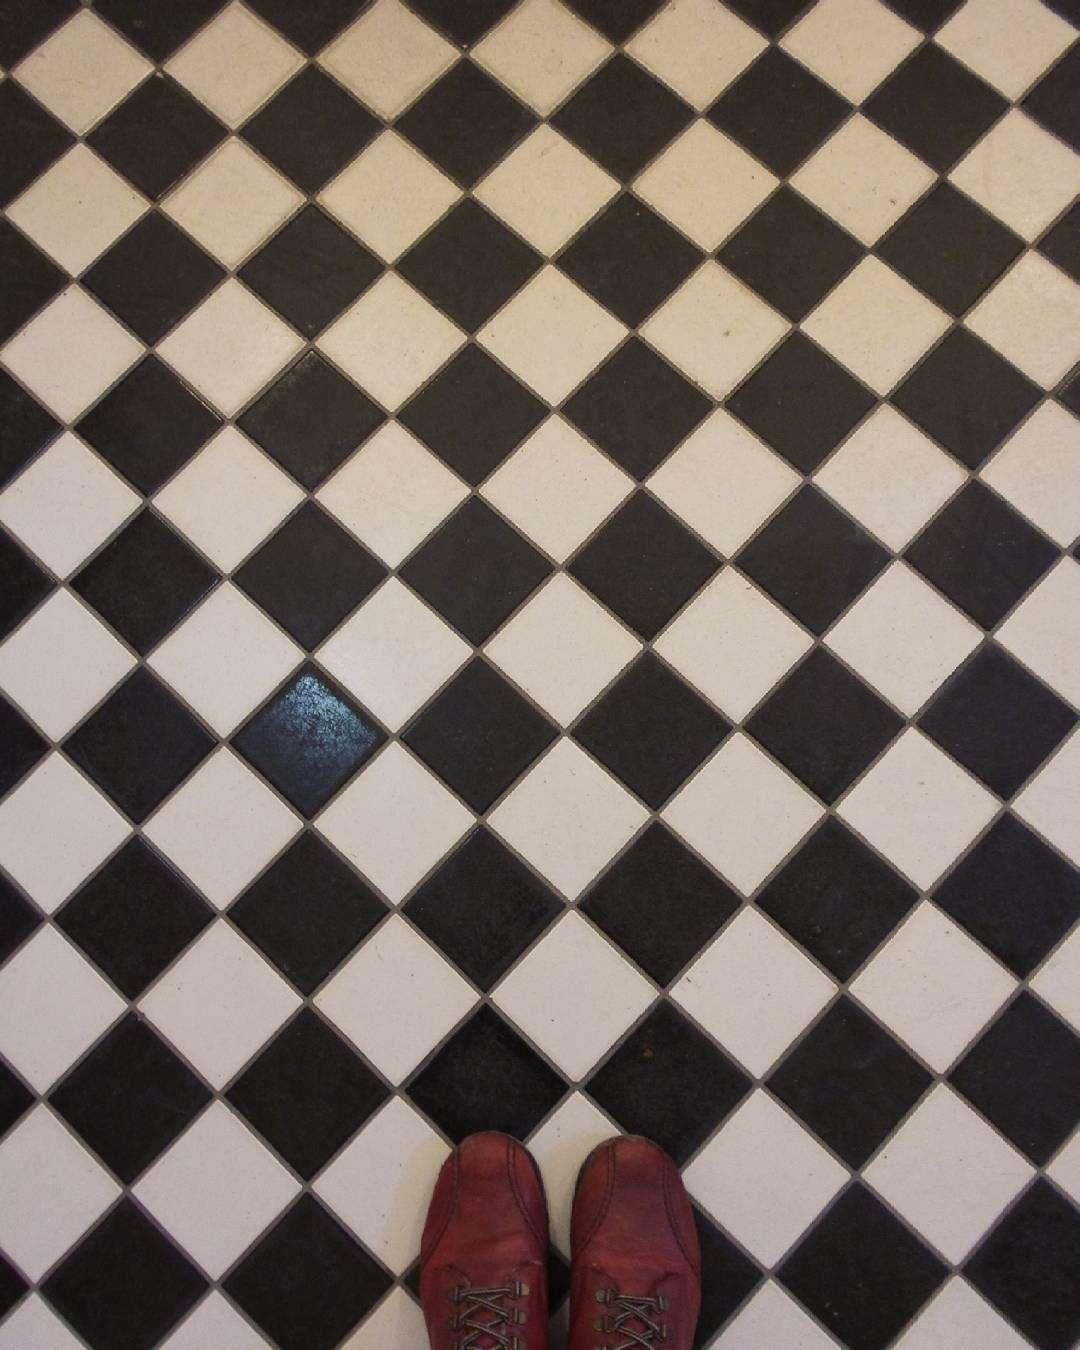 #floor #lattia #squares #vinoneliöt #salmiakkikuvio #blackandwhite #mustavalkoinen #shoes #kengät #red #punainen #kadriorgpalace #ihaveathingwithfloors by insaneworks